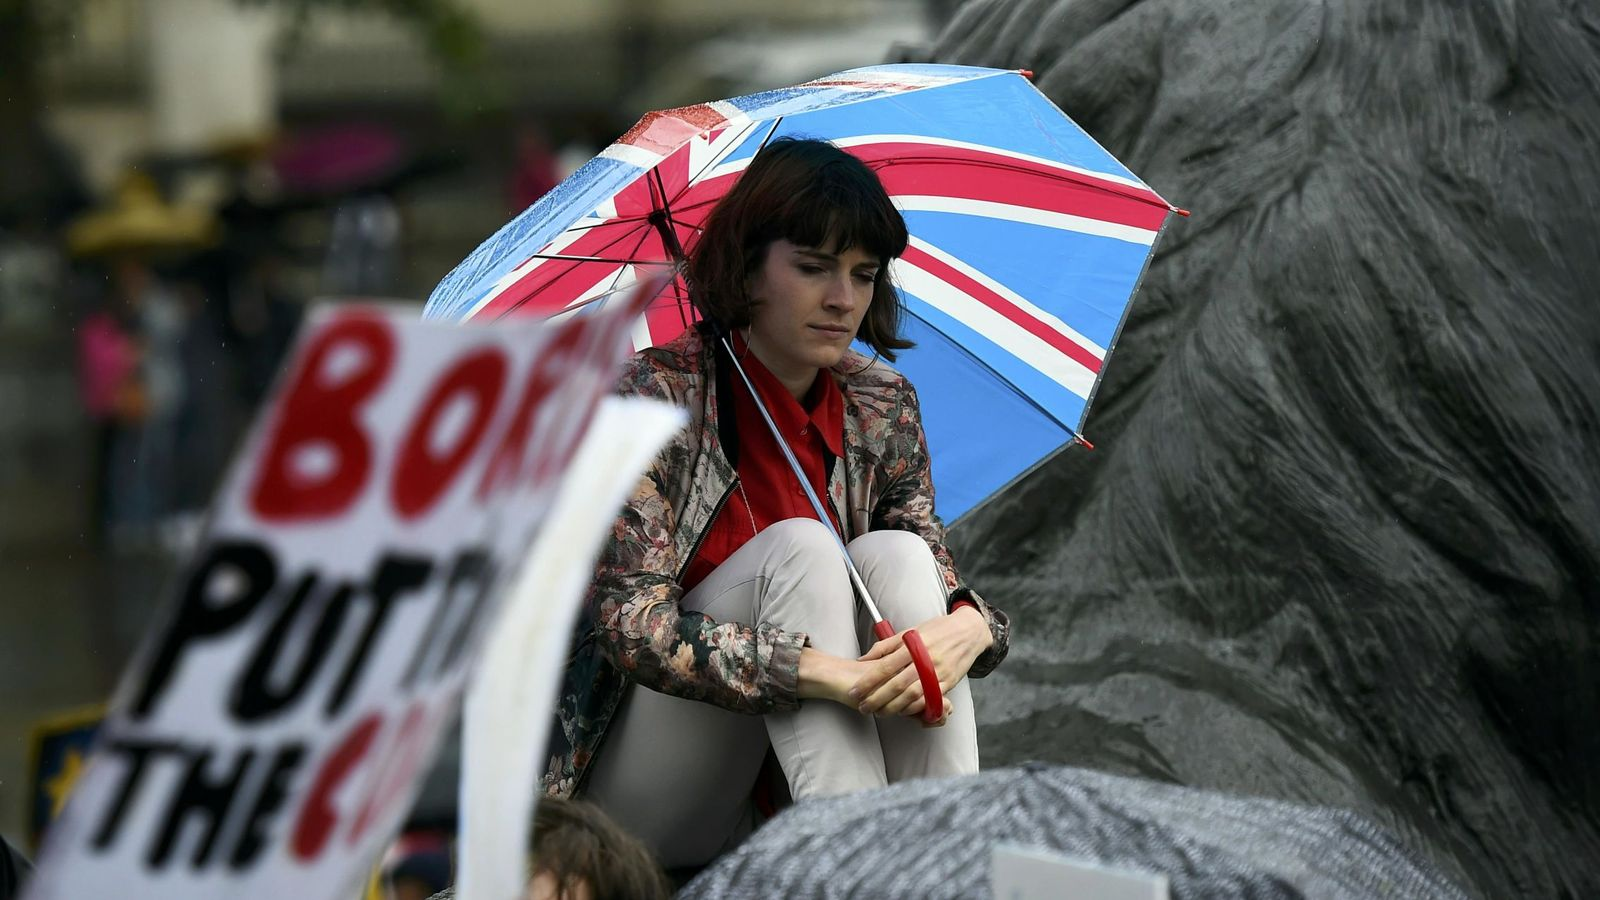 Foto: Una manifestante durante una marcha en apoyo de la UE celebrada en el centro de Londres, el 28 de junio de 2016. (Reuters)